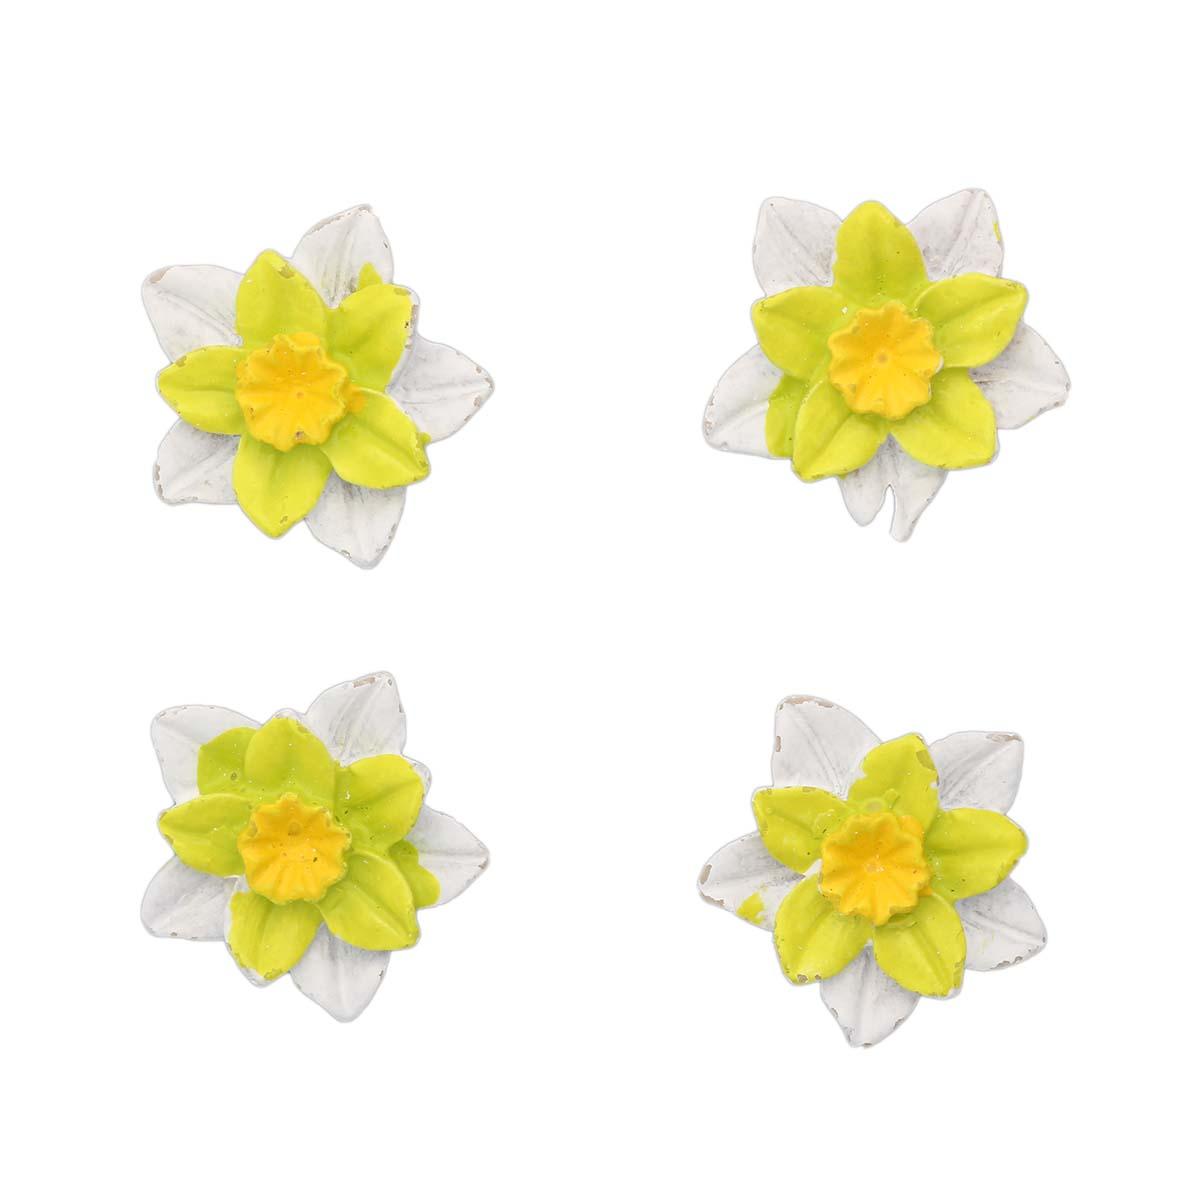 LR15 4621 Объемные фигурки 'Цветок' (полимер), бело